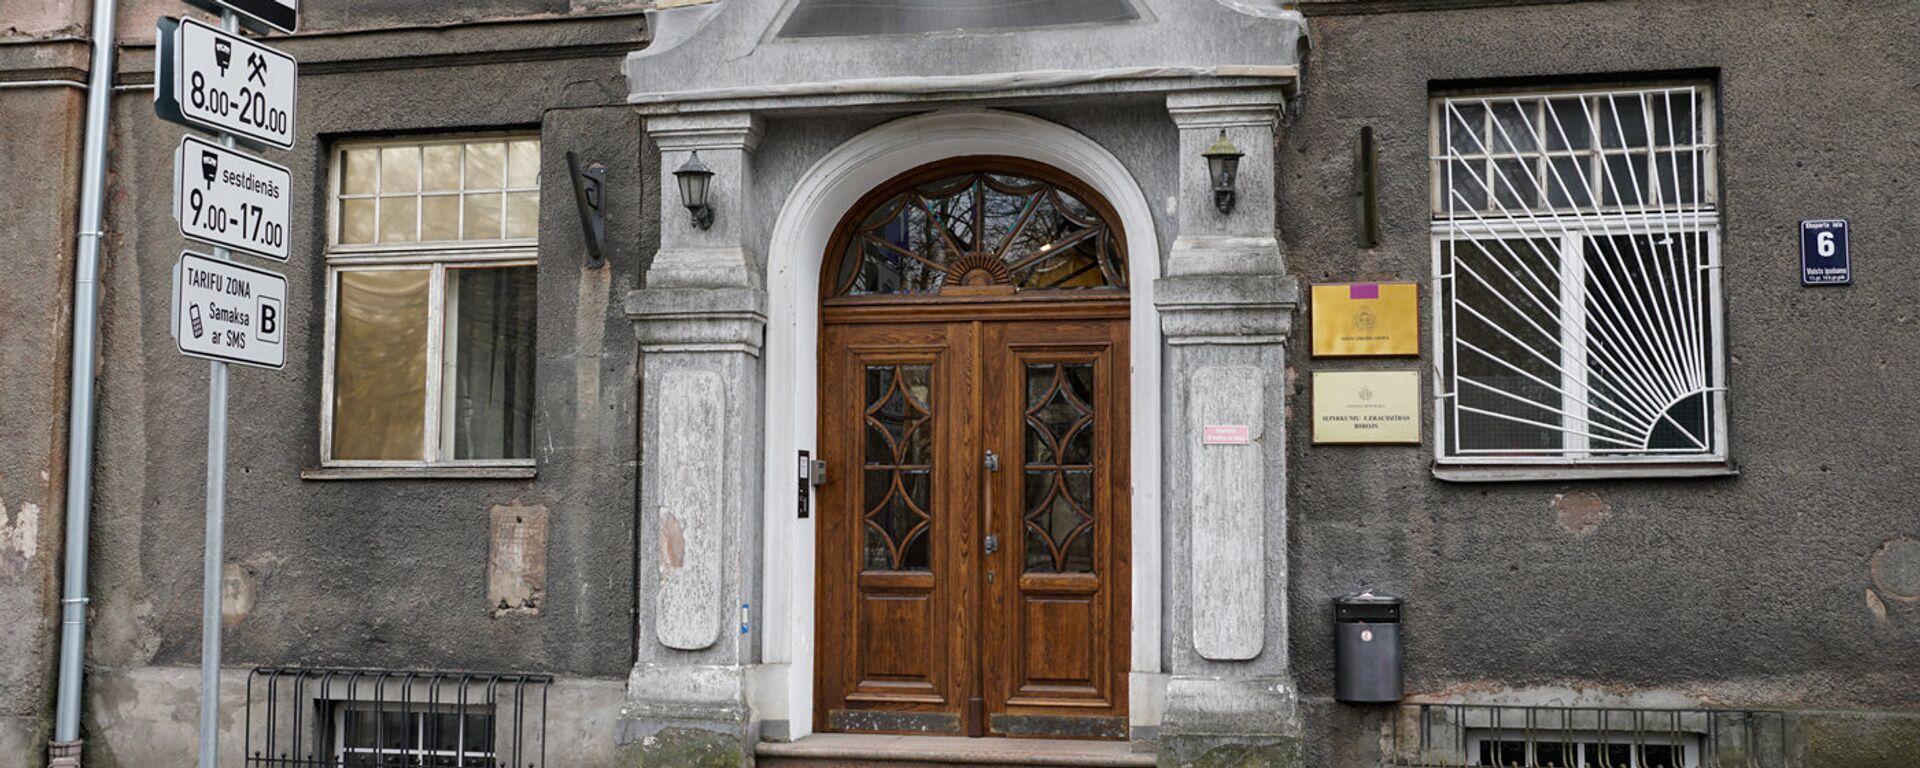 Центр государственного языка - Sputnik Латвия, 1920, 29.04.2021